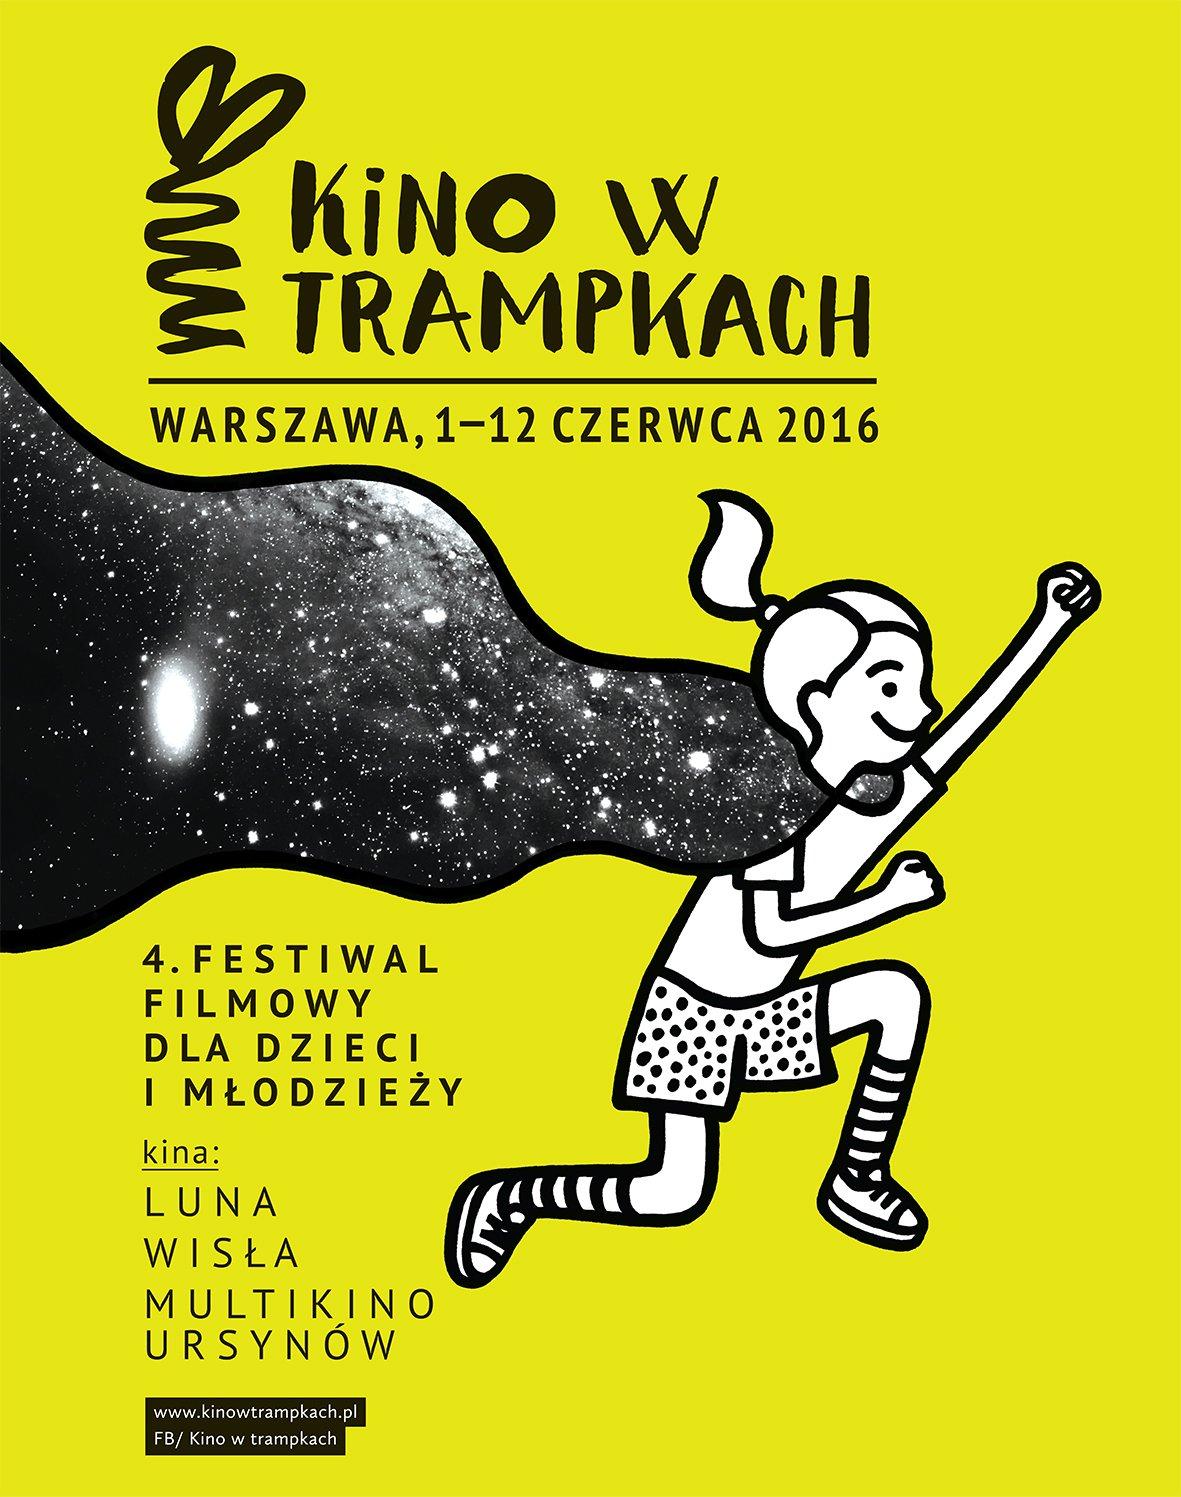 Kino w trampkach letni festiwal filmowy dla dzieci w Warszawie